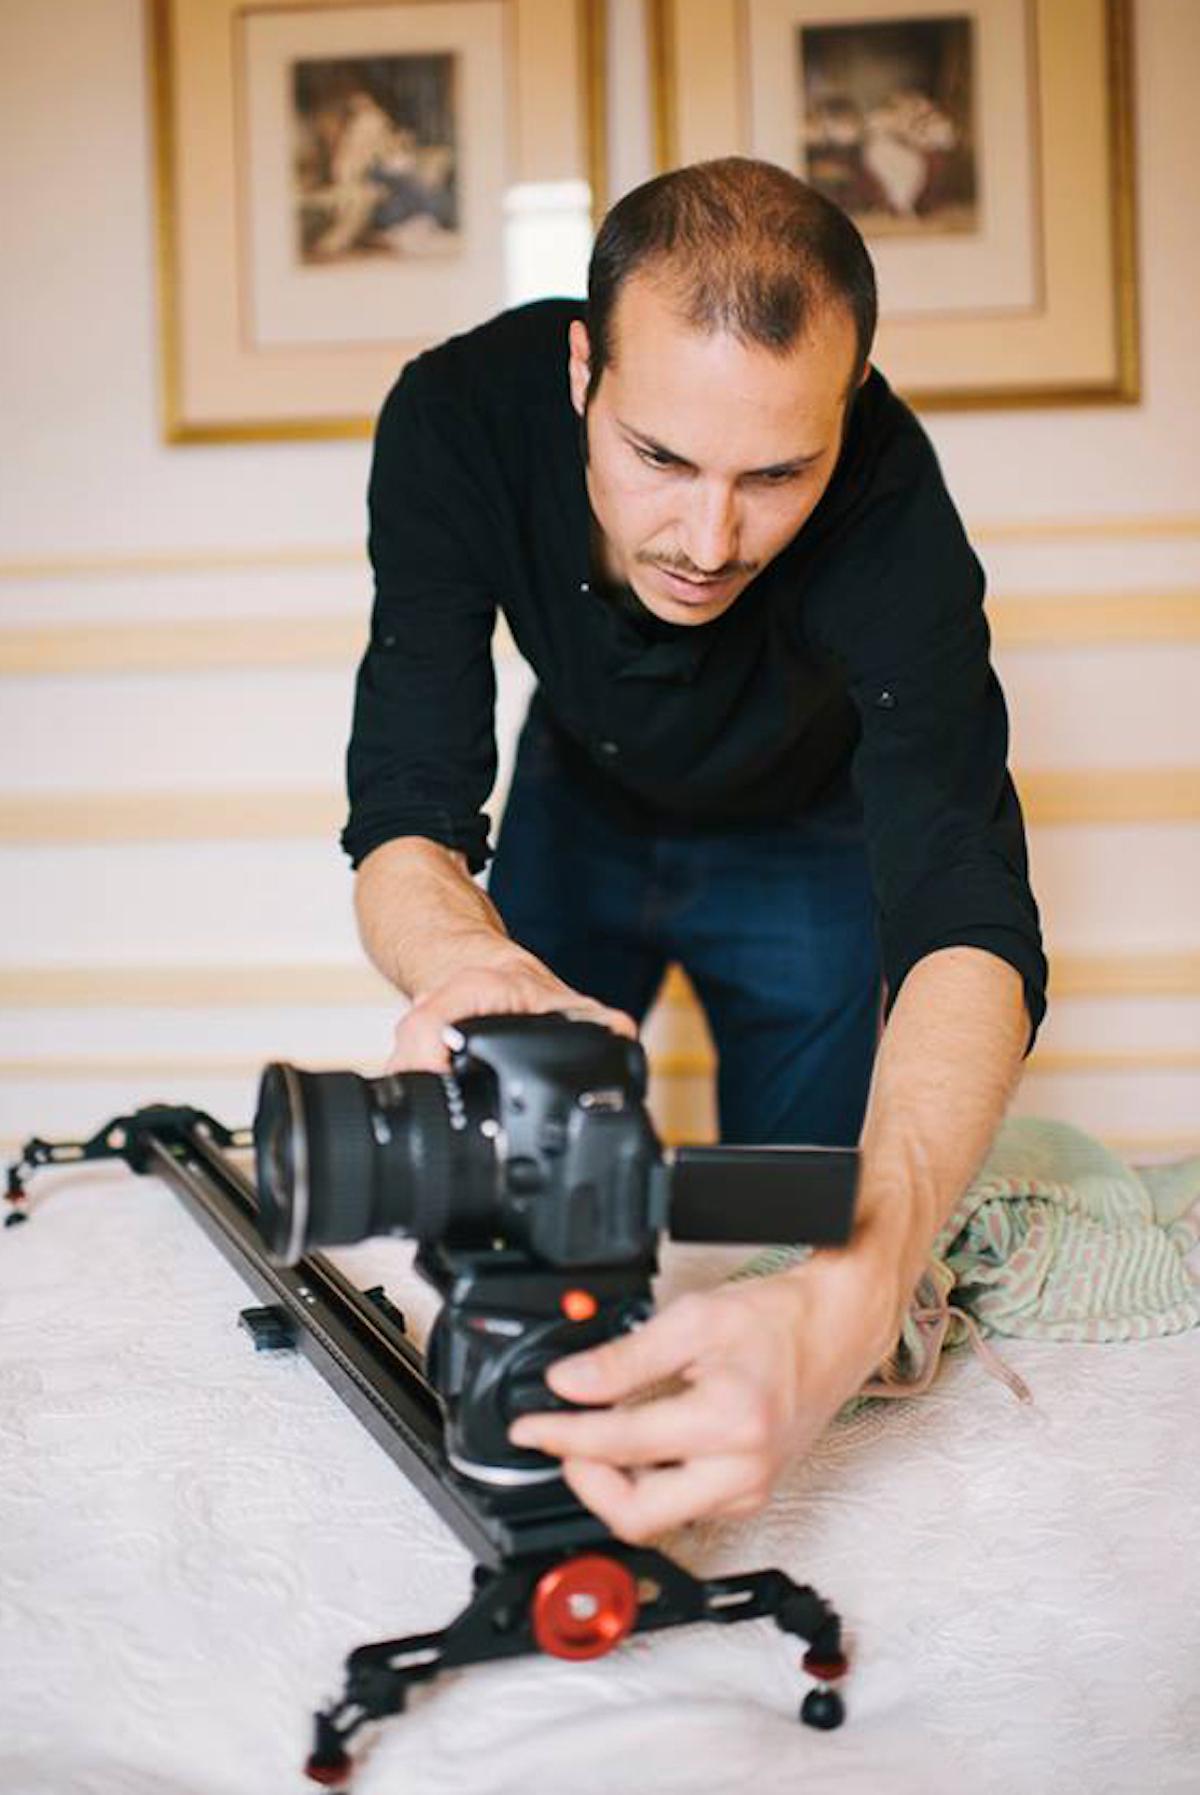 NICOLAS // - – Worldwide –Nicolas a la discrétion d'un vrai reporter, il aime capturer des images et des émotions prises sur le vif.Curieux et passionné d'images, il est depuis plus de 10 ans vidéaste.Il a depuis approché tous les domaines de la vidéo, de l'écriture à la livraison finale, ce qui lui permet d'avoir une vue d'ensemble sur chaque projet.–Nicolas has the tact of a true reporter, he likes capturing images and emotions from moments of life.Inquisitive and passionate about pictures, he has been a video maker for over 10 years. Since then he has reached every steps of the video production process from the writing to the final editing. His experience give him an overall view of each project.